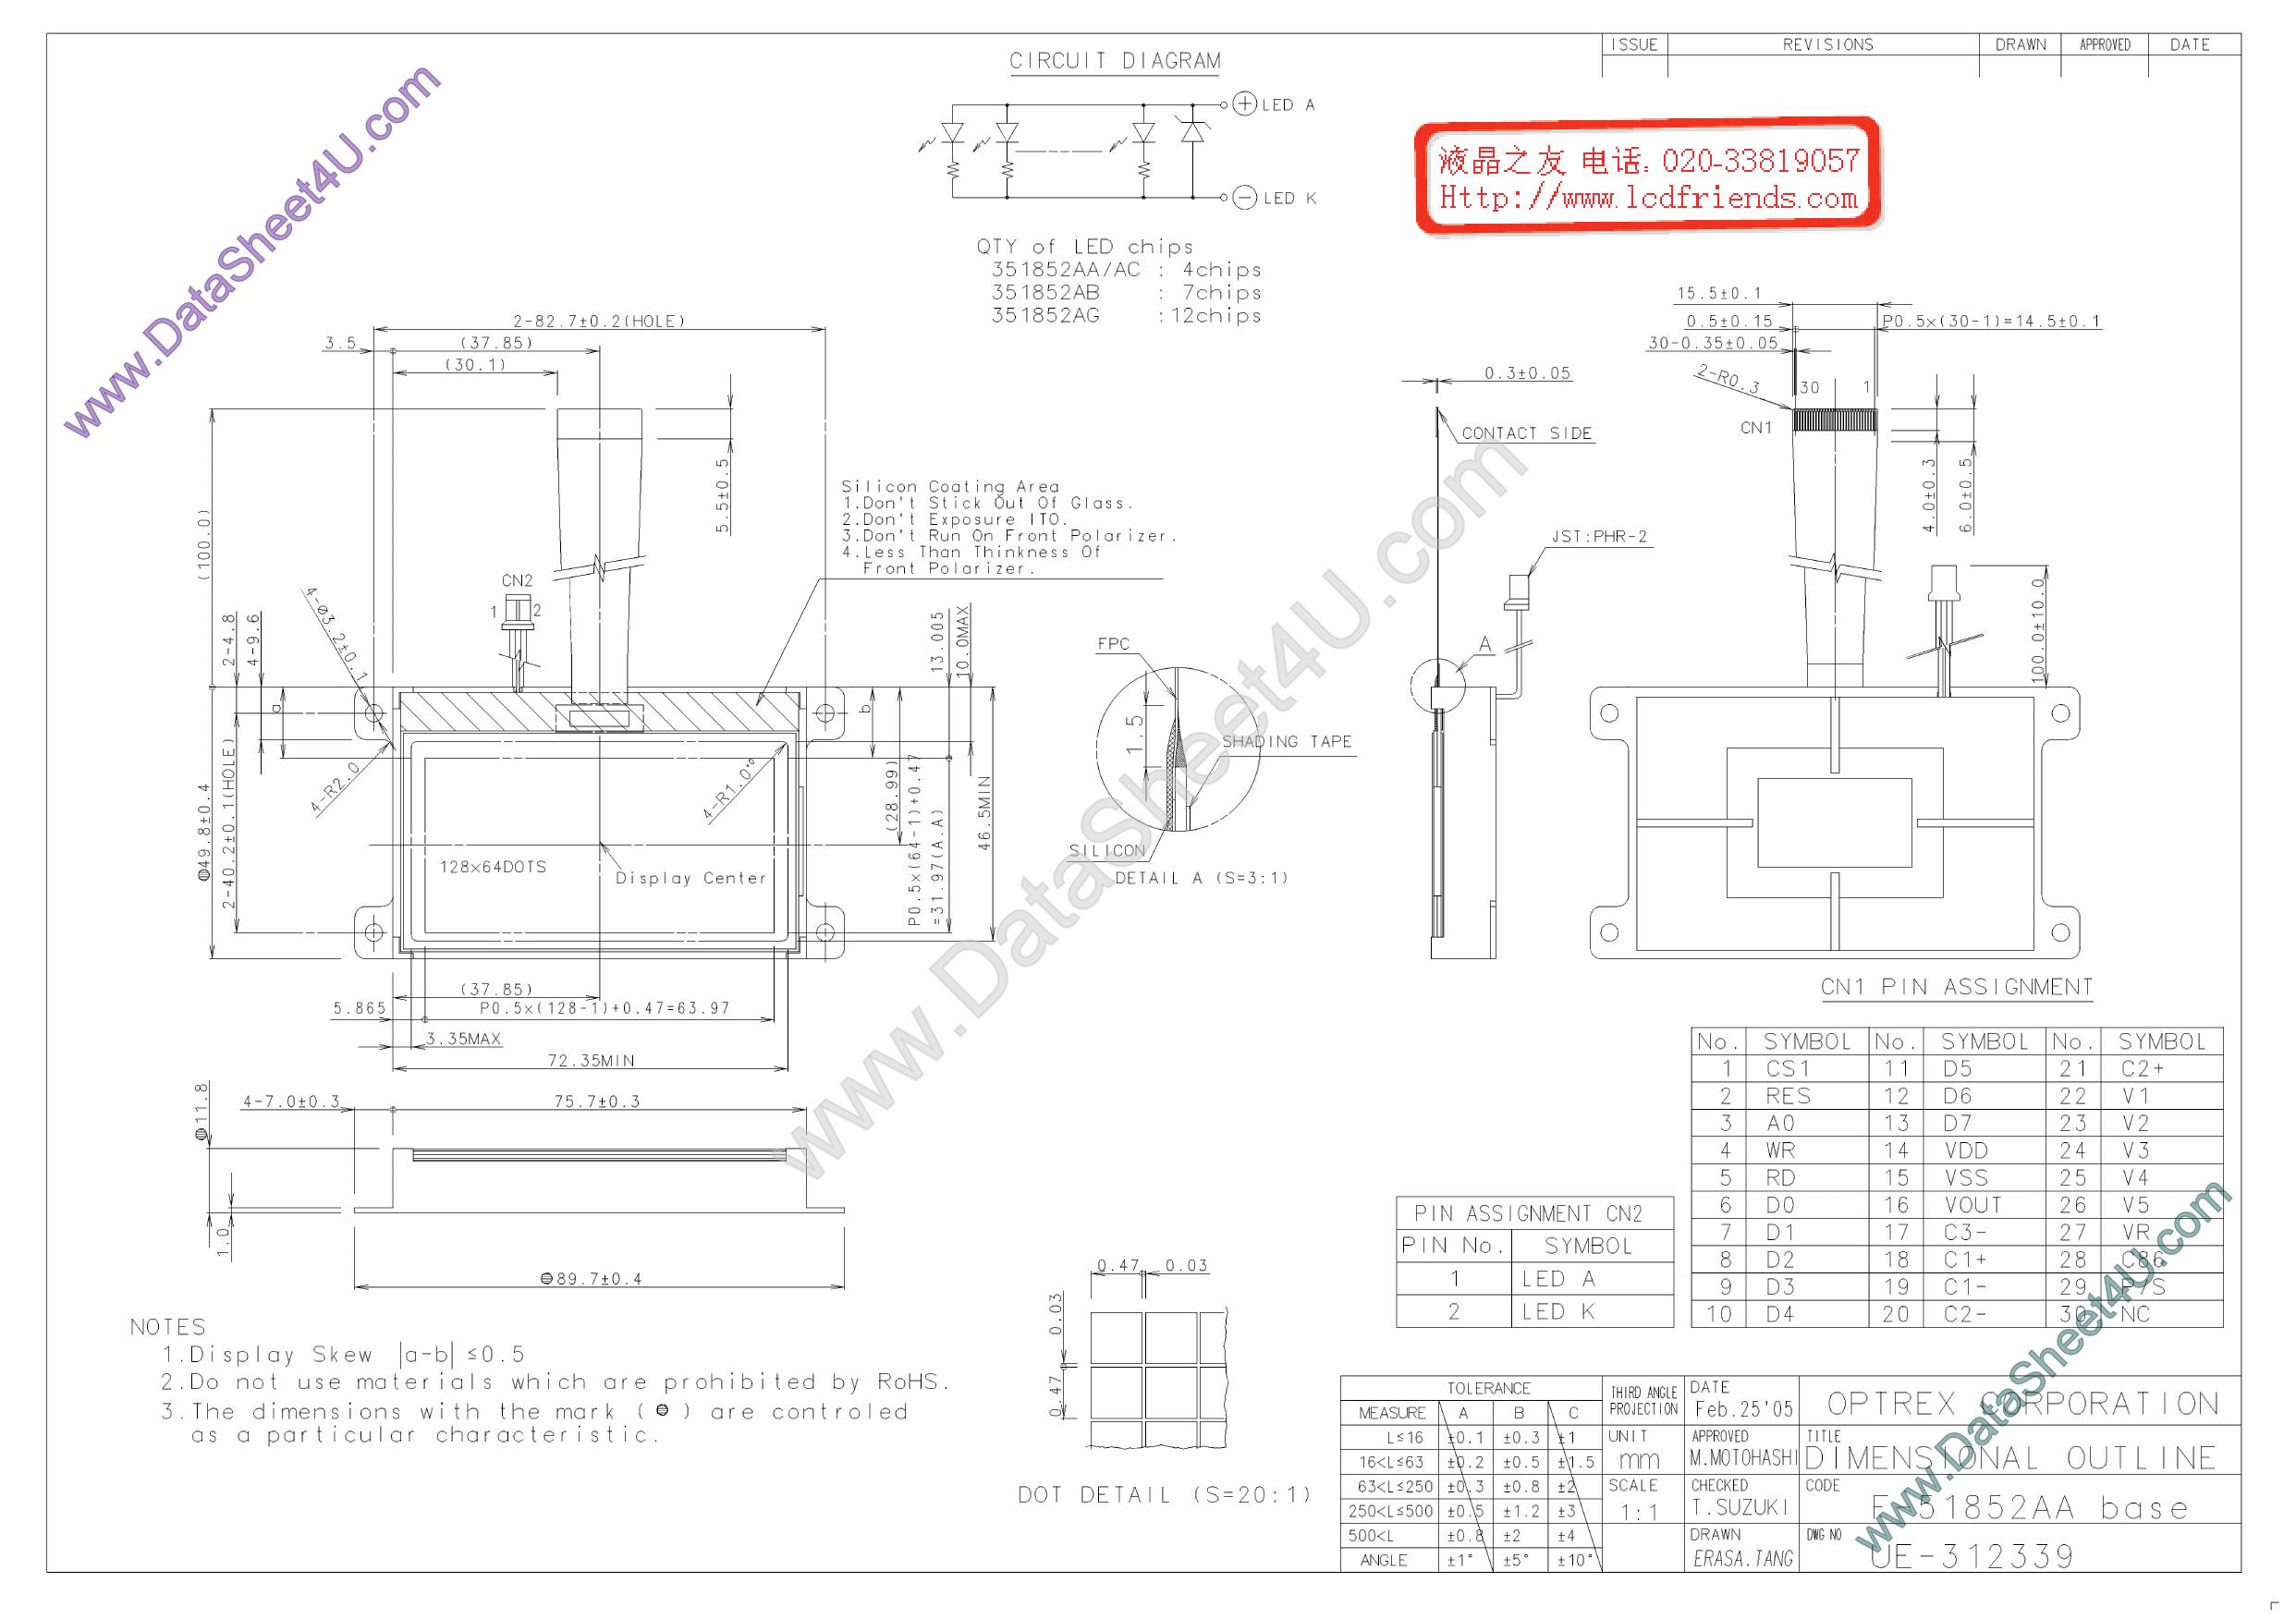 F-51852AA datasheet